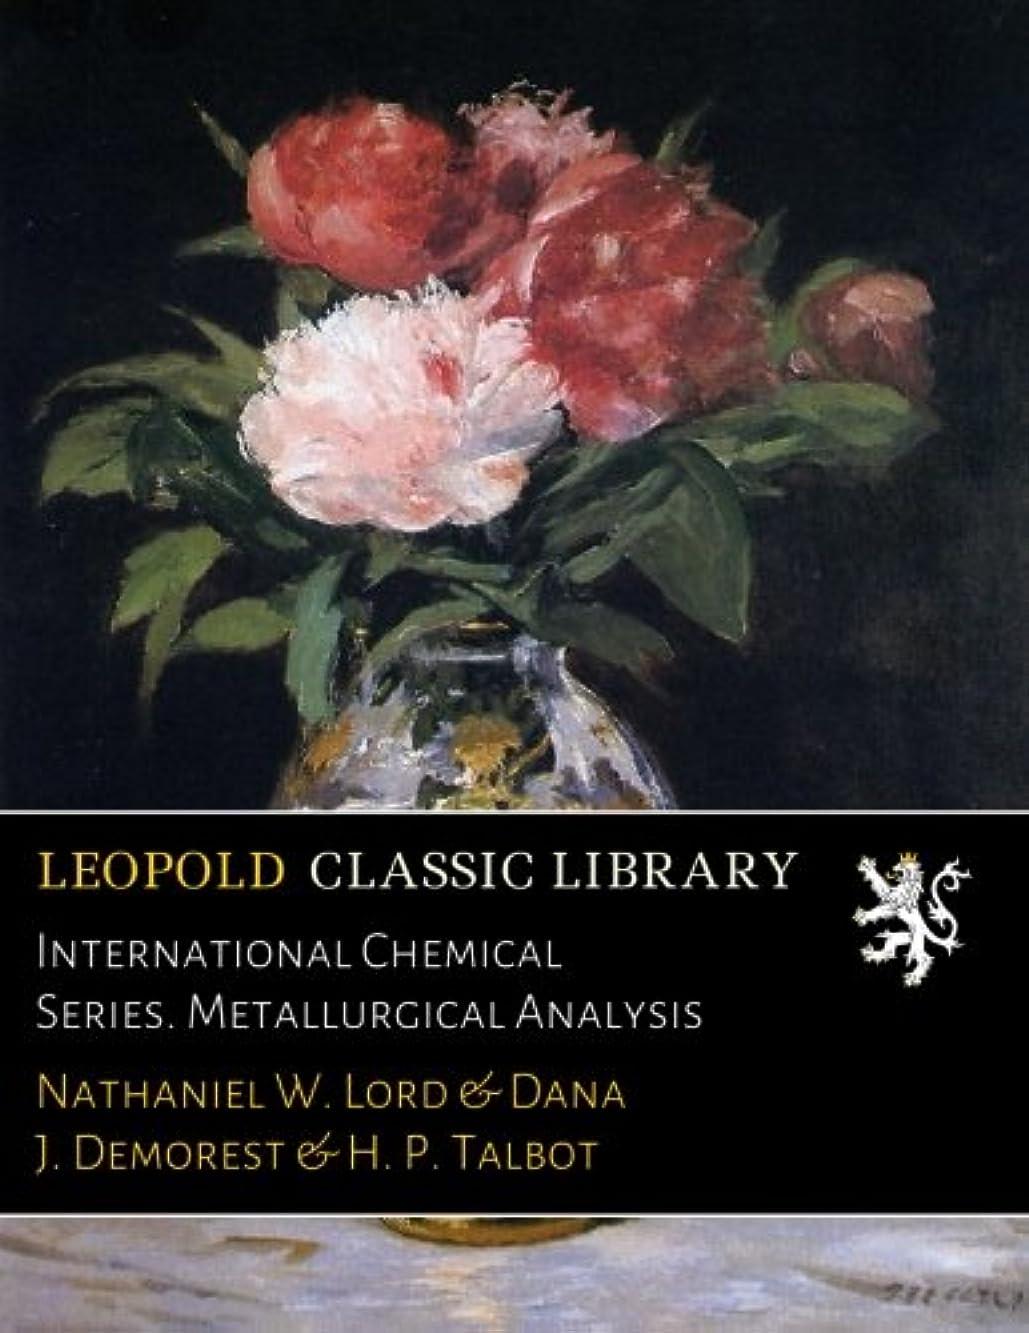 受信多数の方言International Chemical Series. Metallurgical Analysis